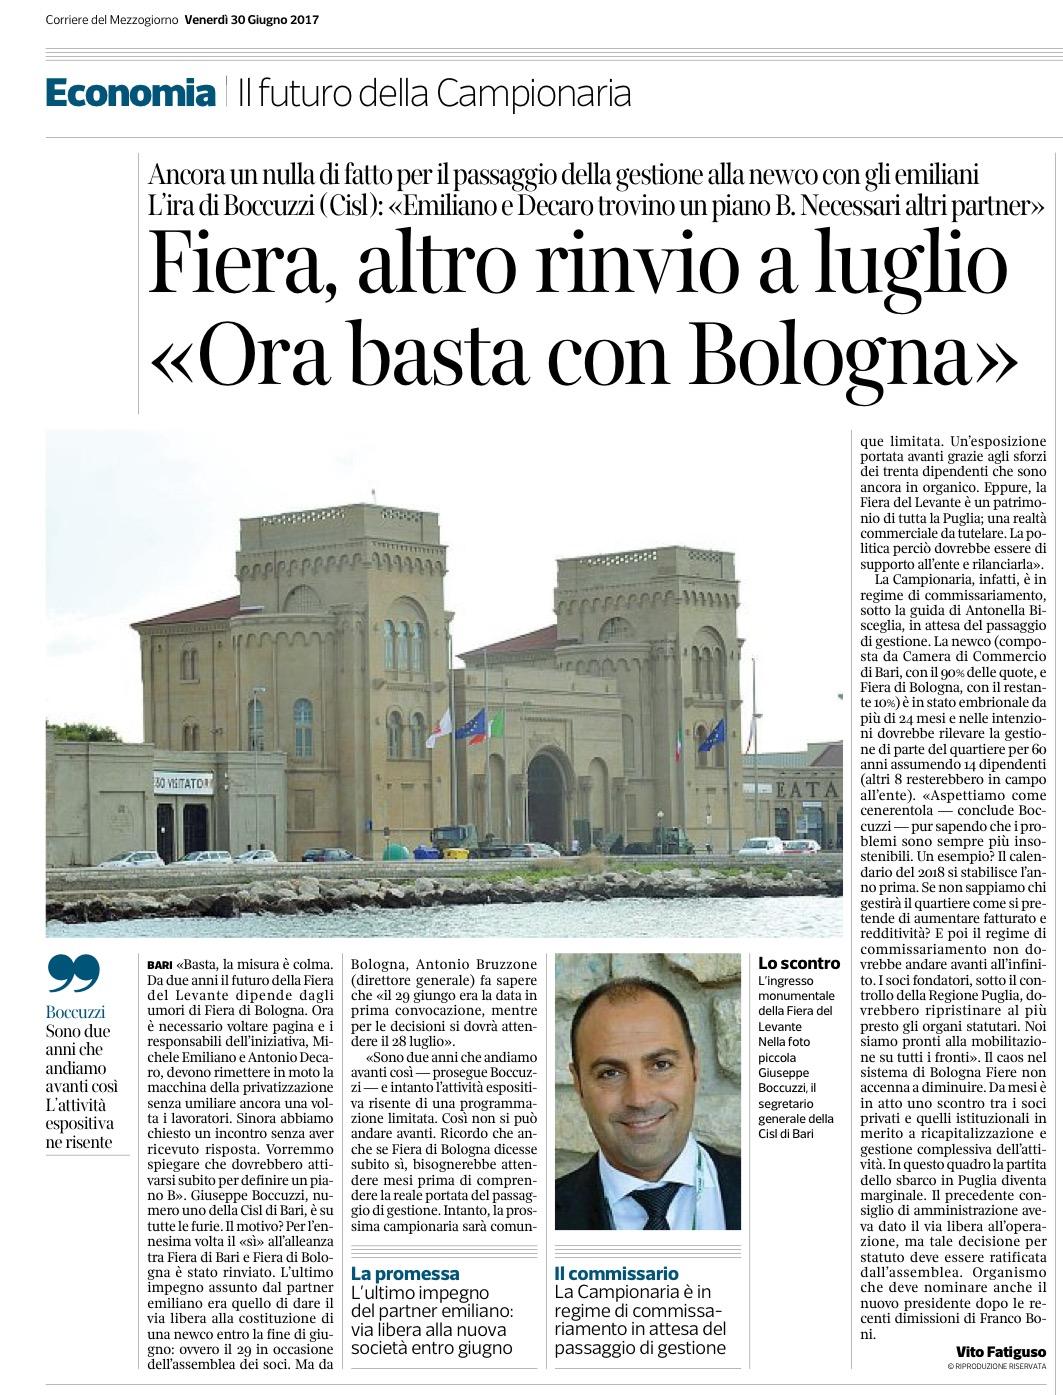 Il Corriere del Mezzogiorno - 30.06.2017